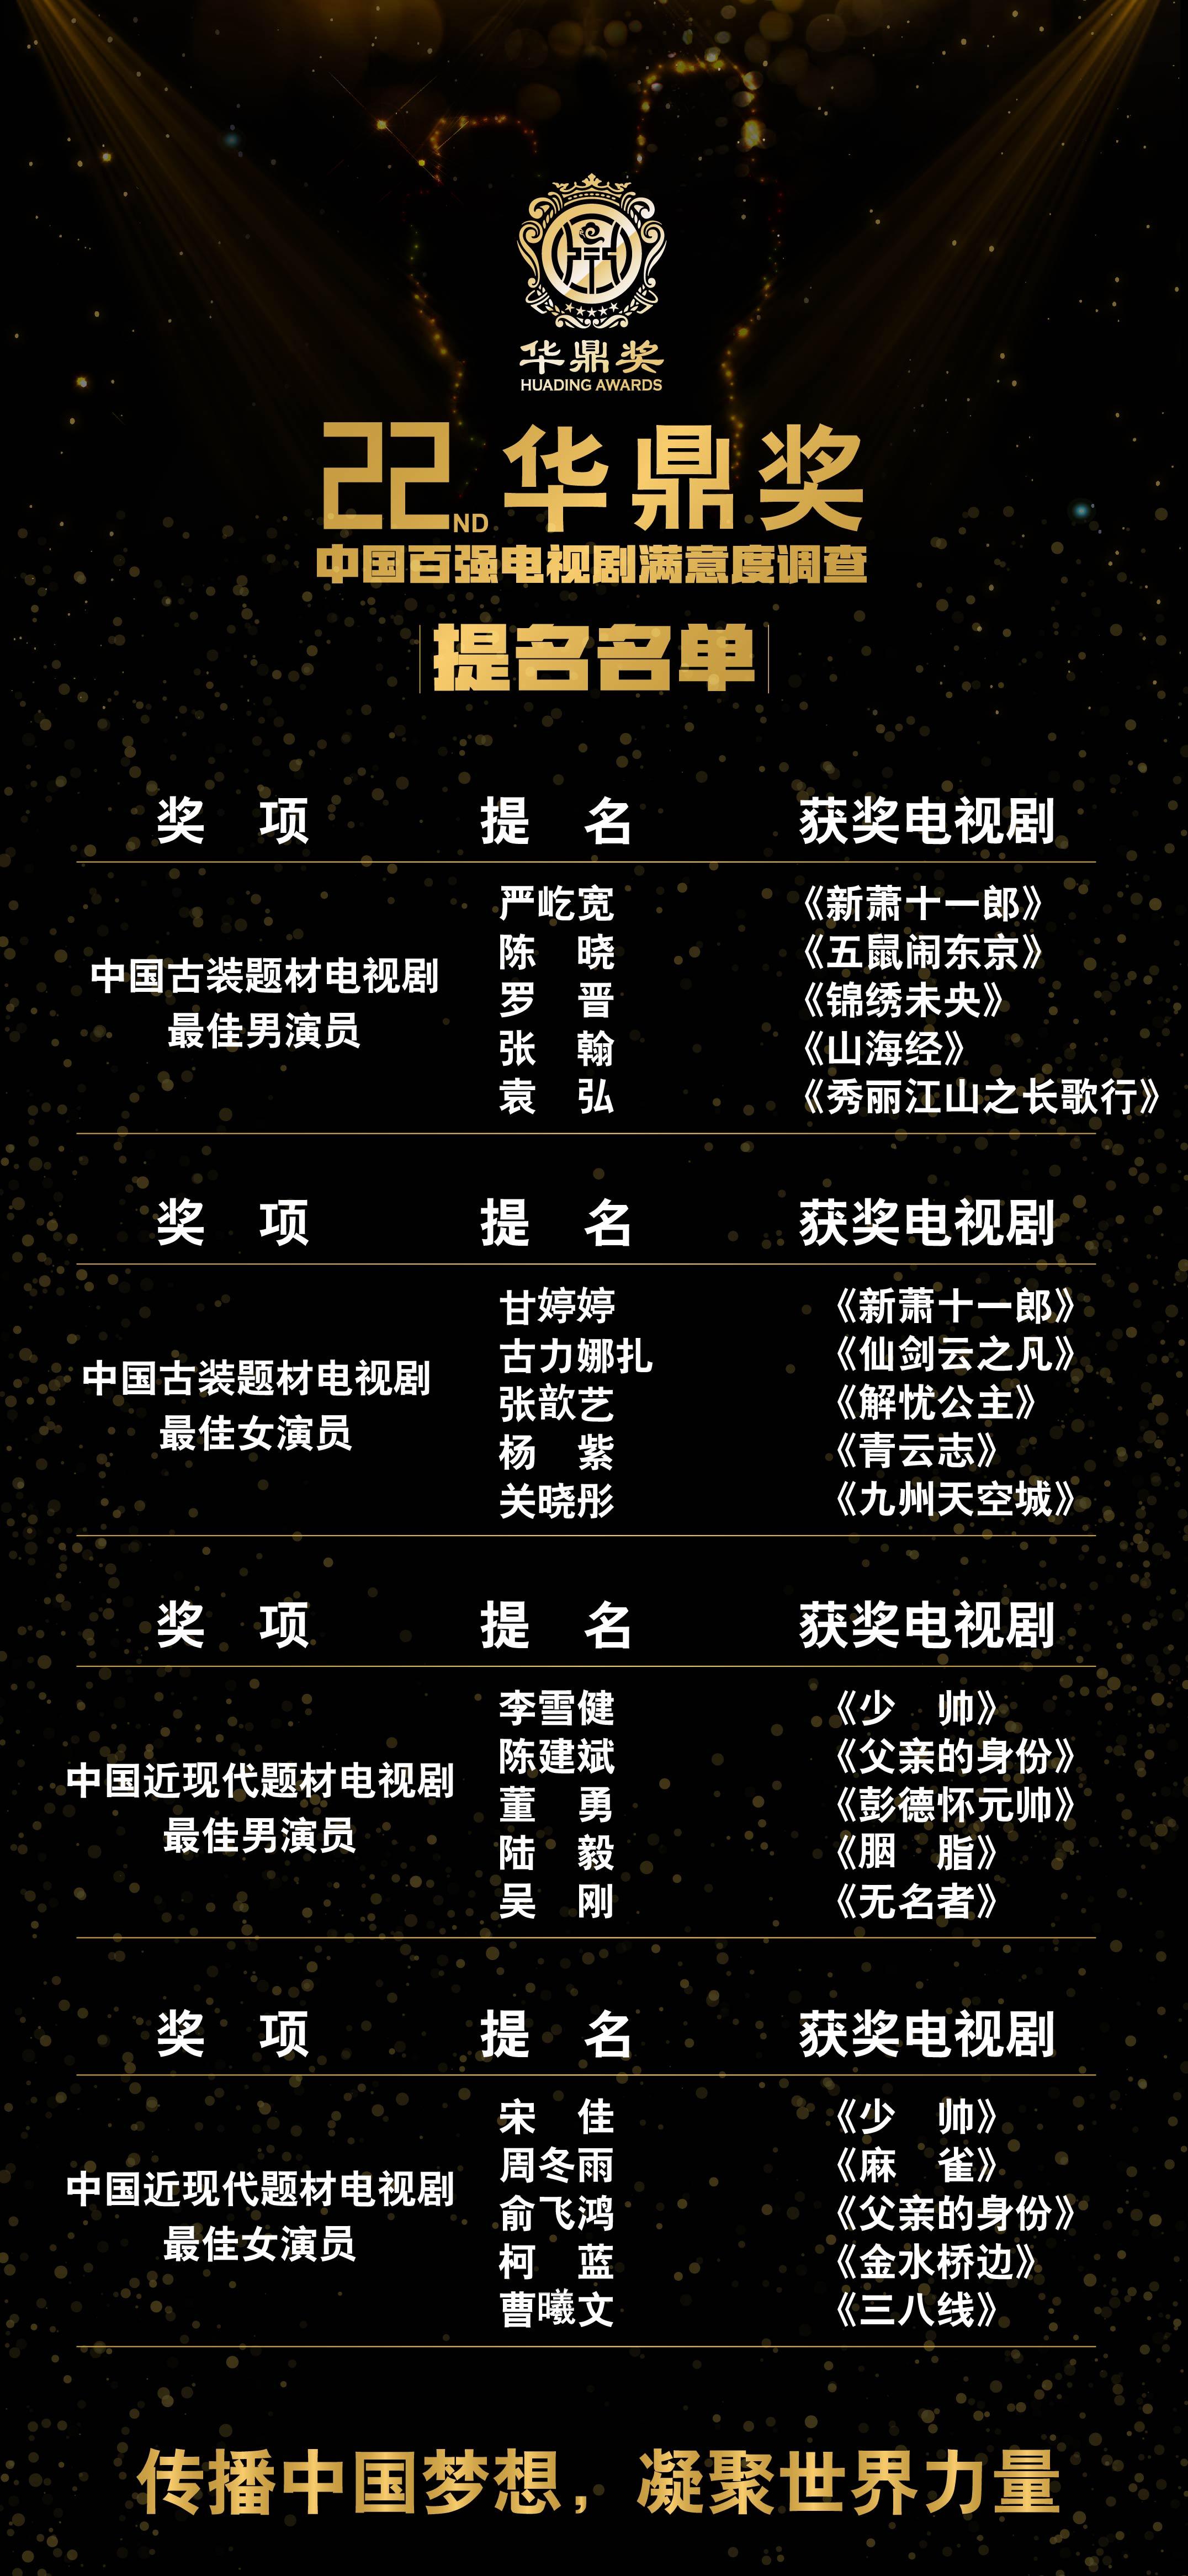 华鼎奖提名公布投票开启 新生代演员老戏骨竞逐